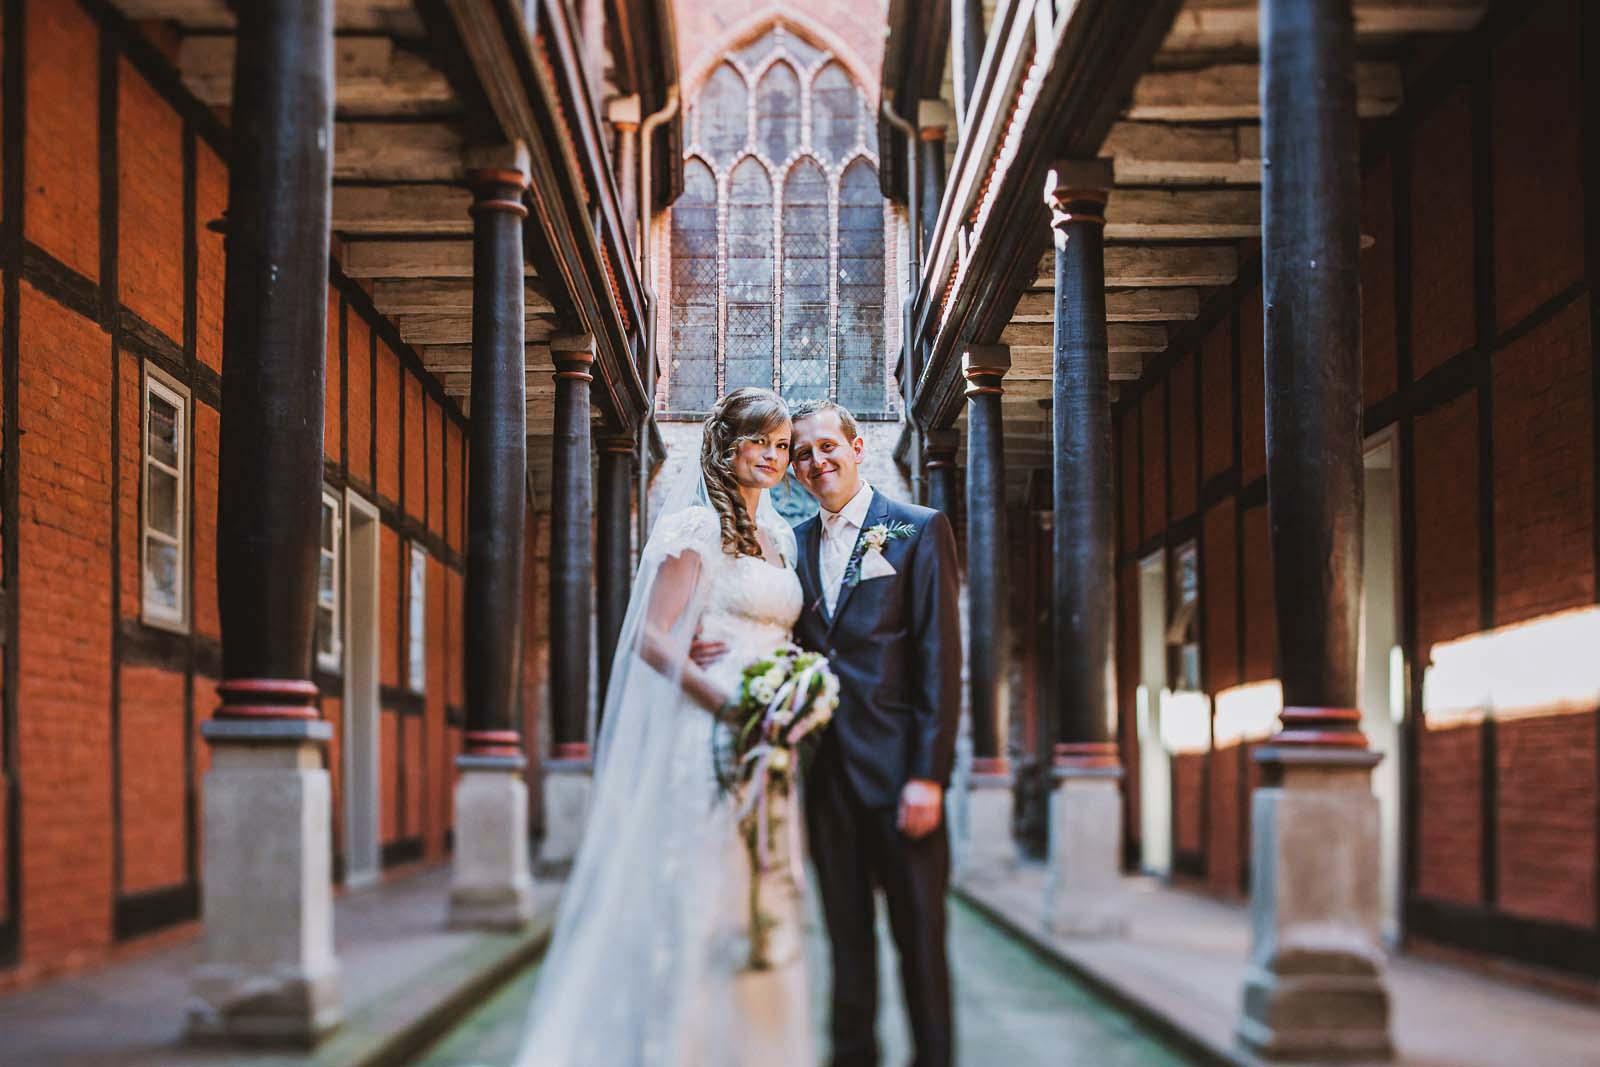 Hochzeitsfotograf Stralsund begleitet eine Hochzeit Copyright by Hochzeitsfotograf www.berliner-hochzeitsfotografie.de